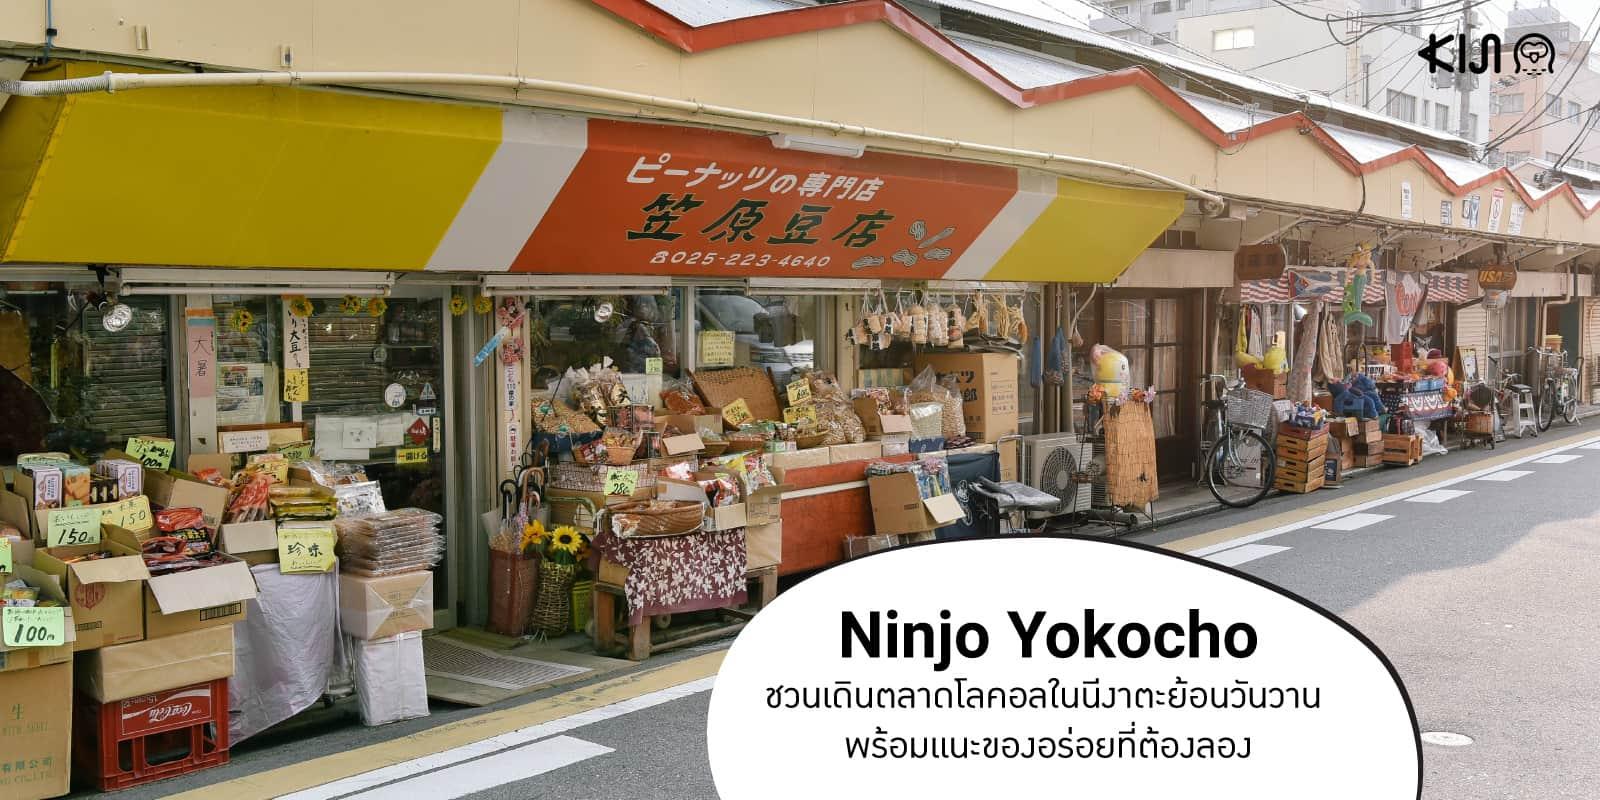 นินโจโยโกโช (Ninjo Yokocho) นีงาตะ